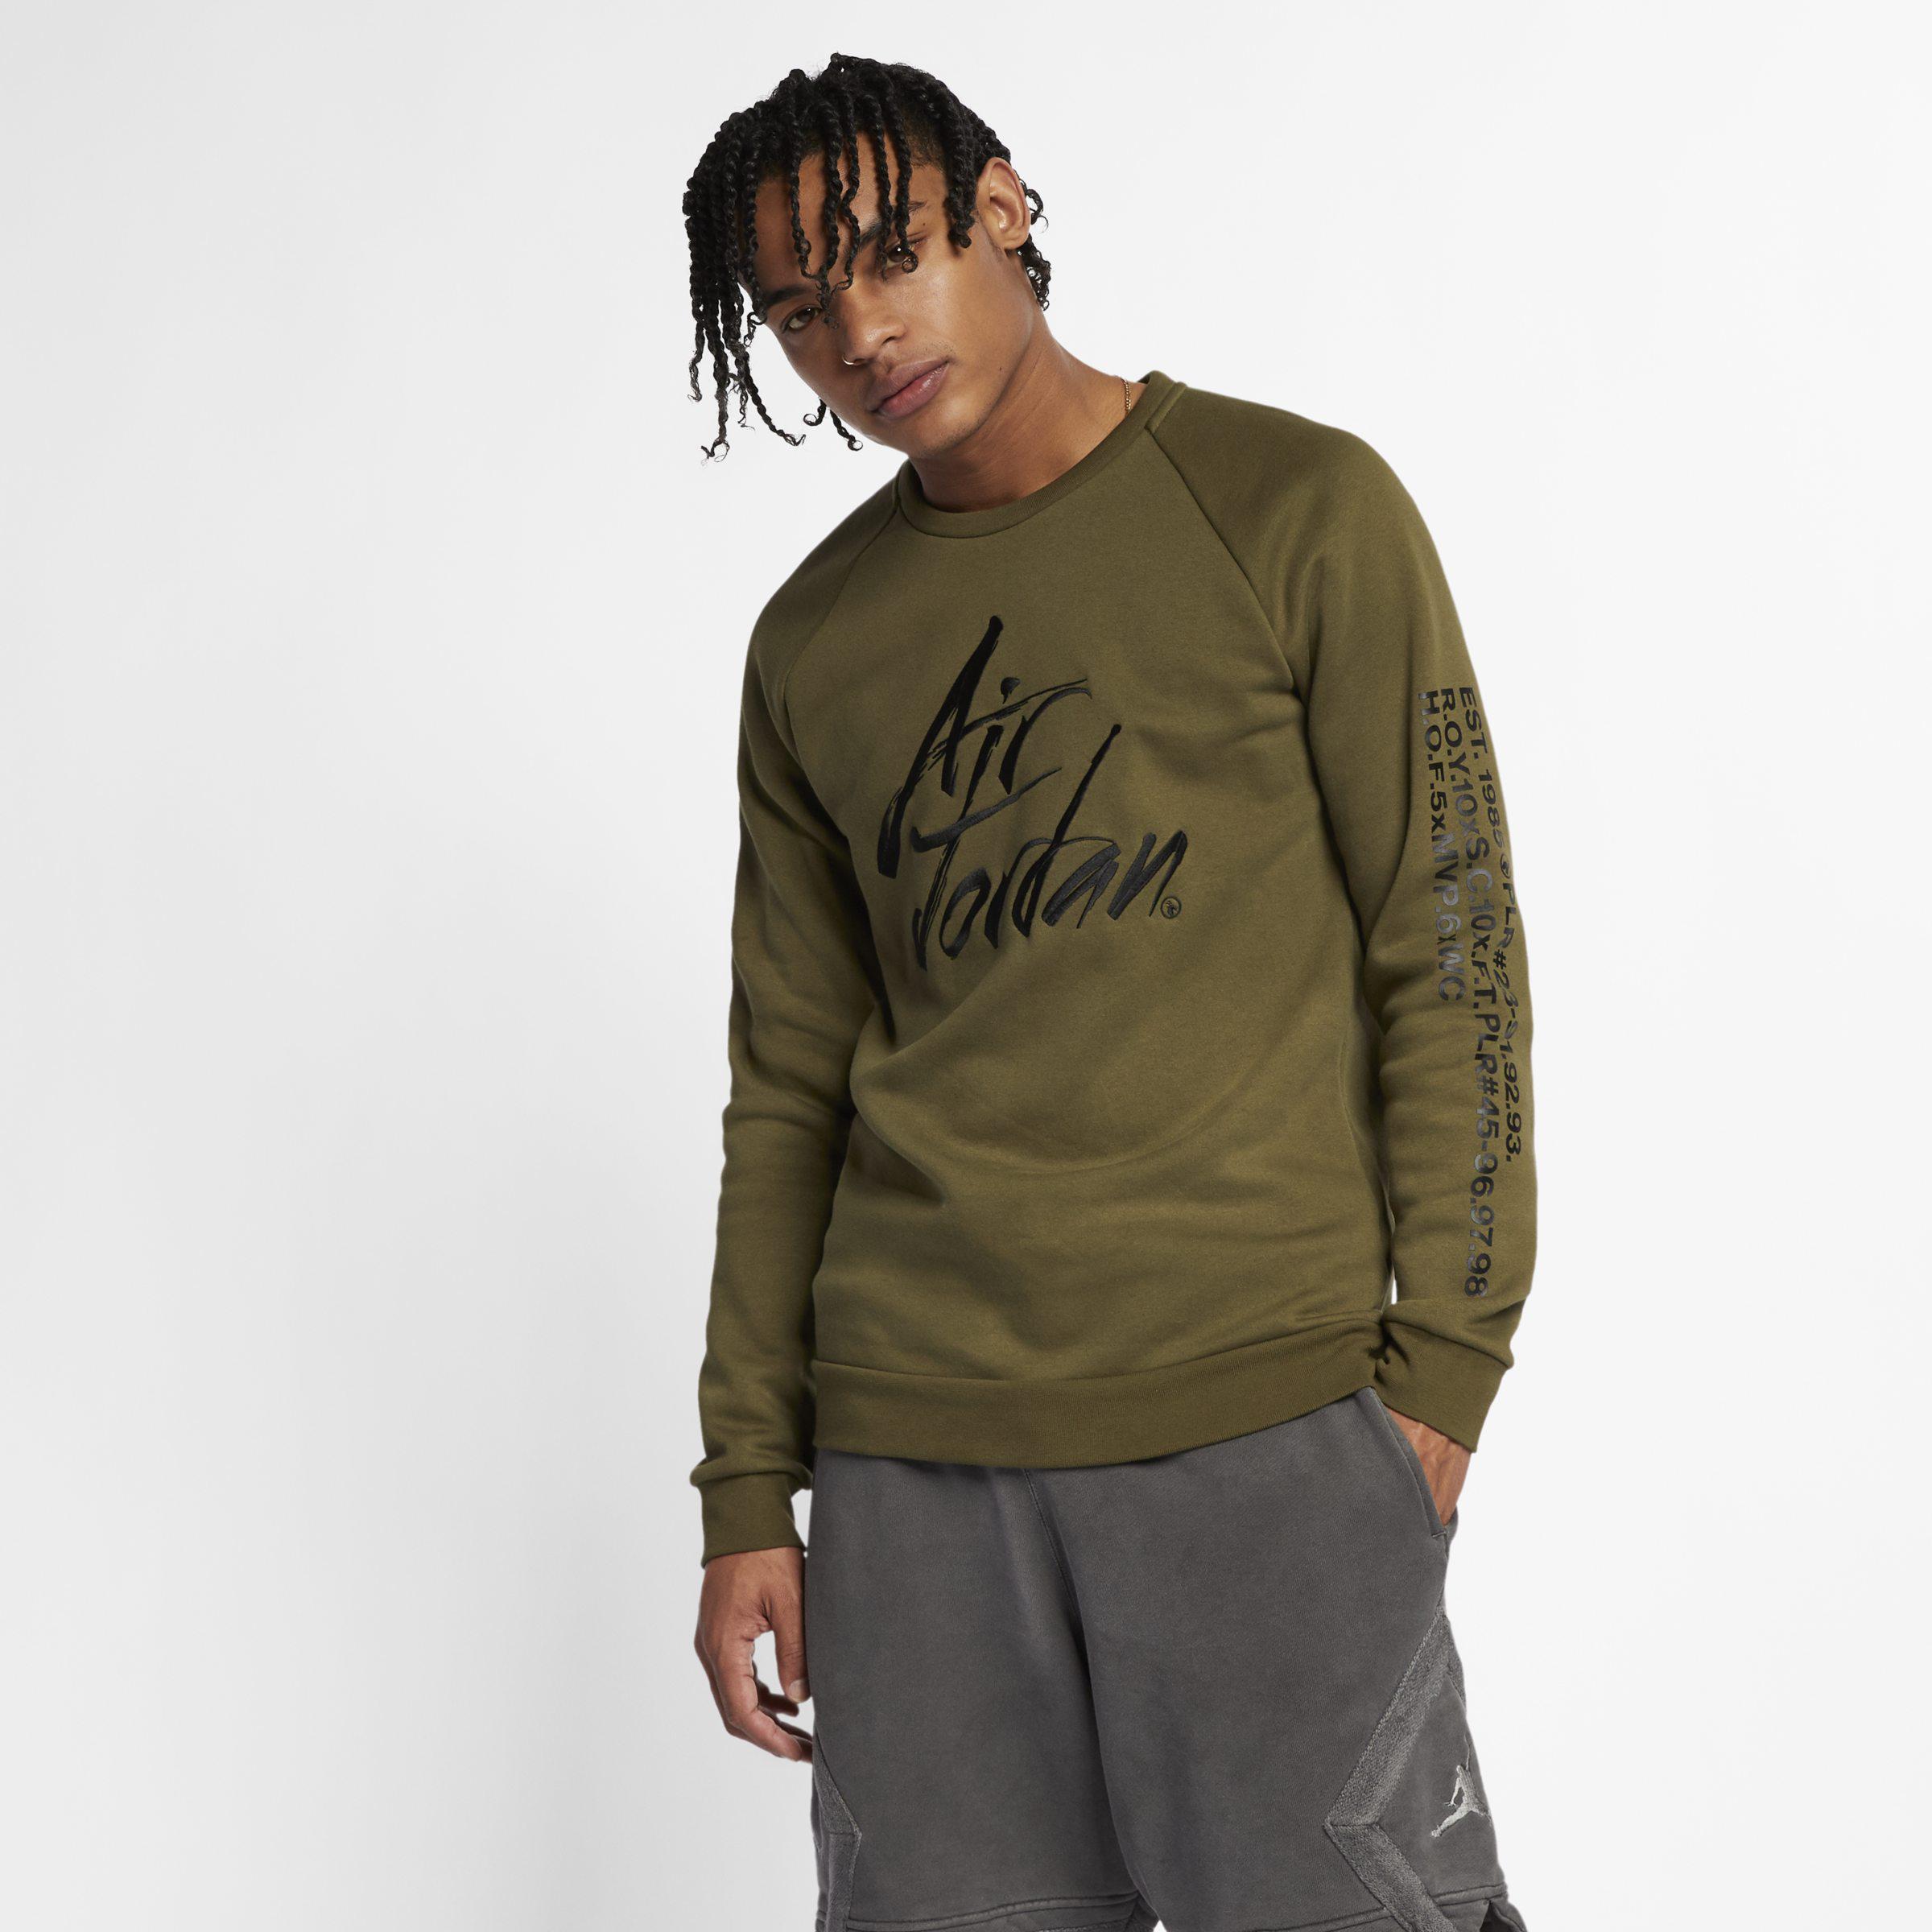 7692d9f4e5f9 Nike Jordan Sportswear Greatest Fleece Crew in Green for Men - Lyst